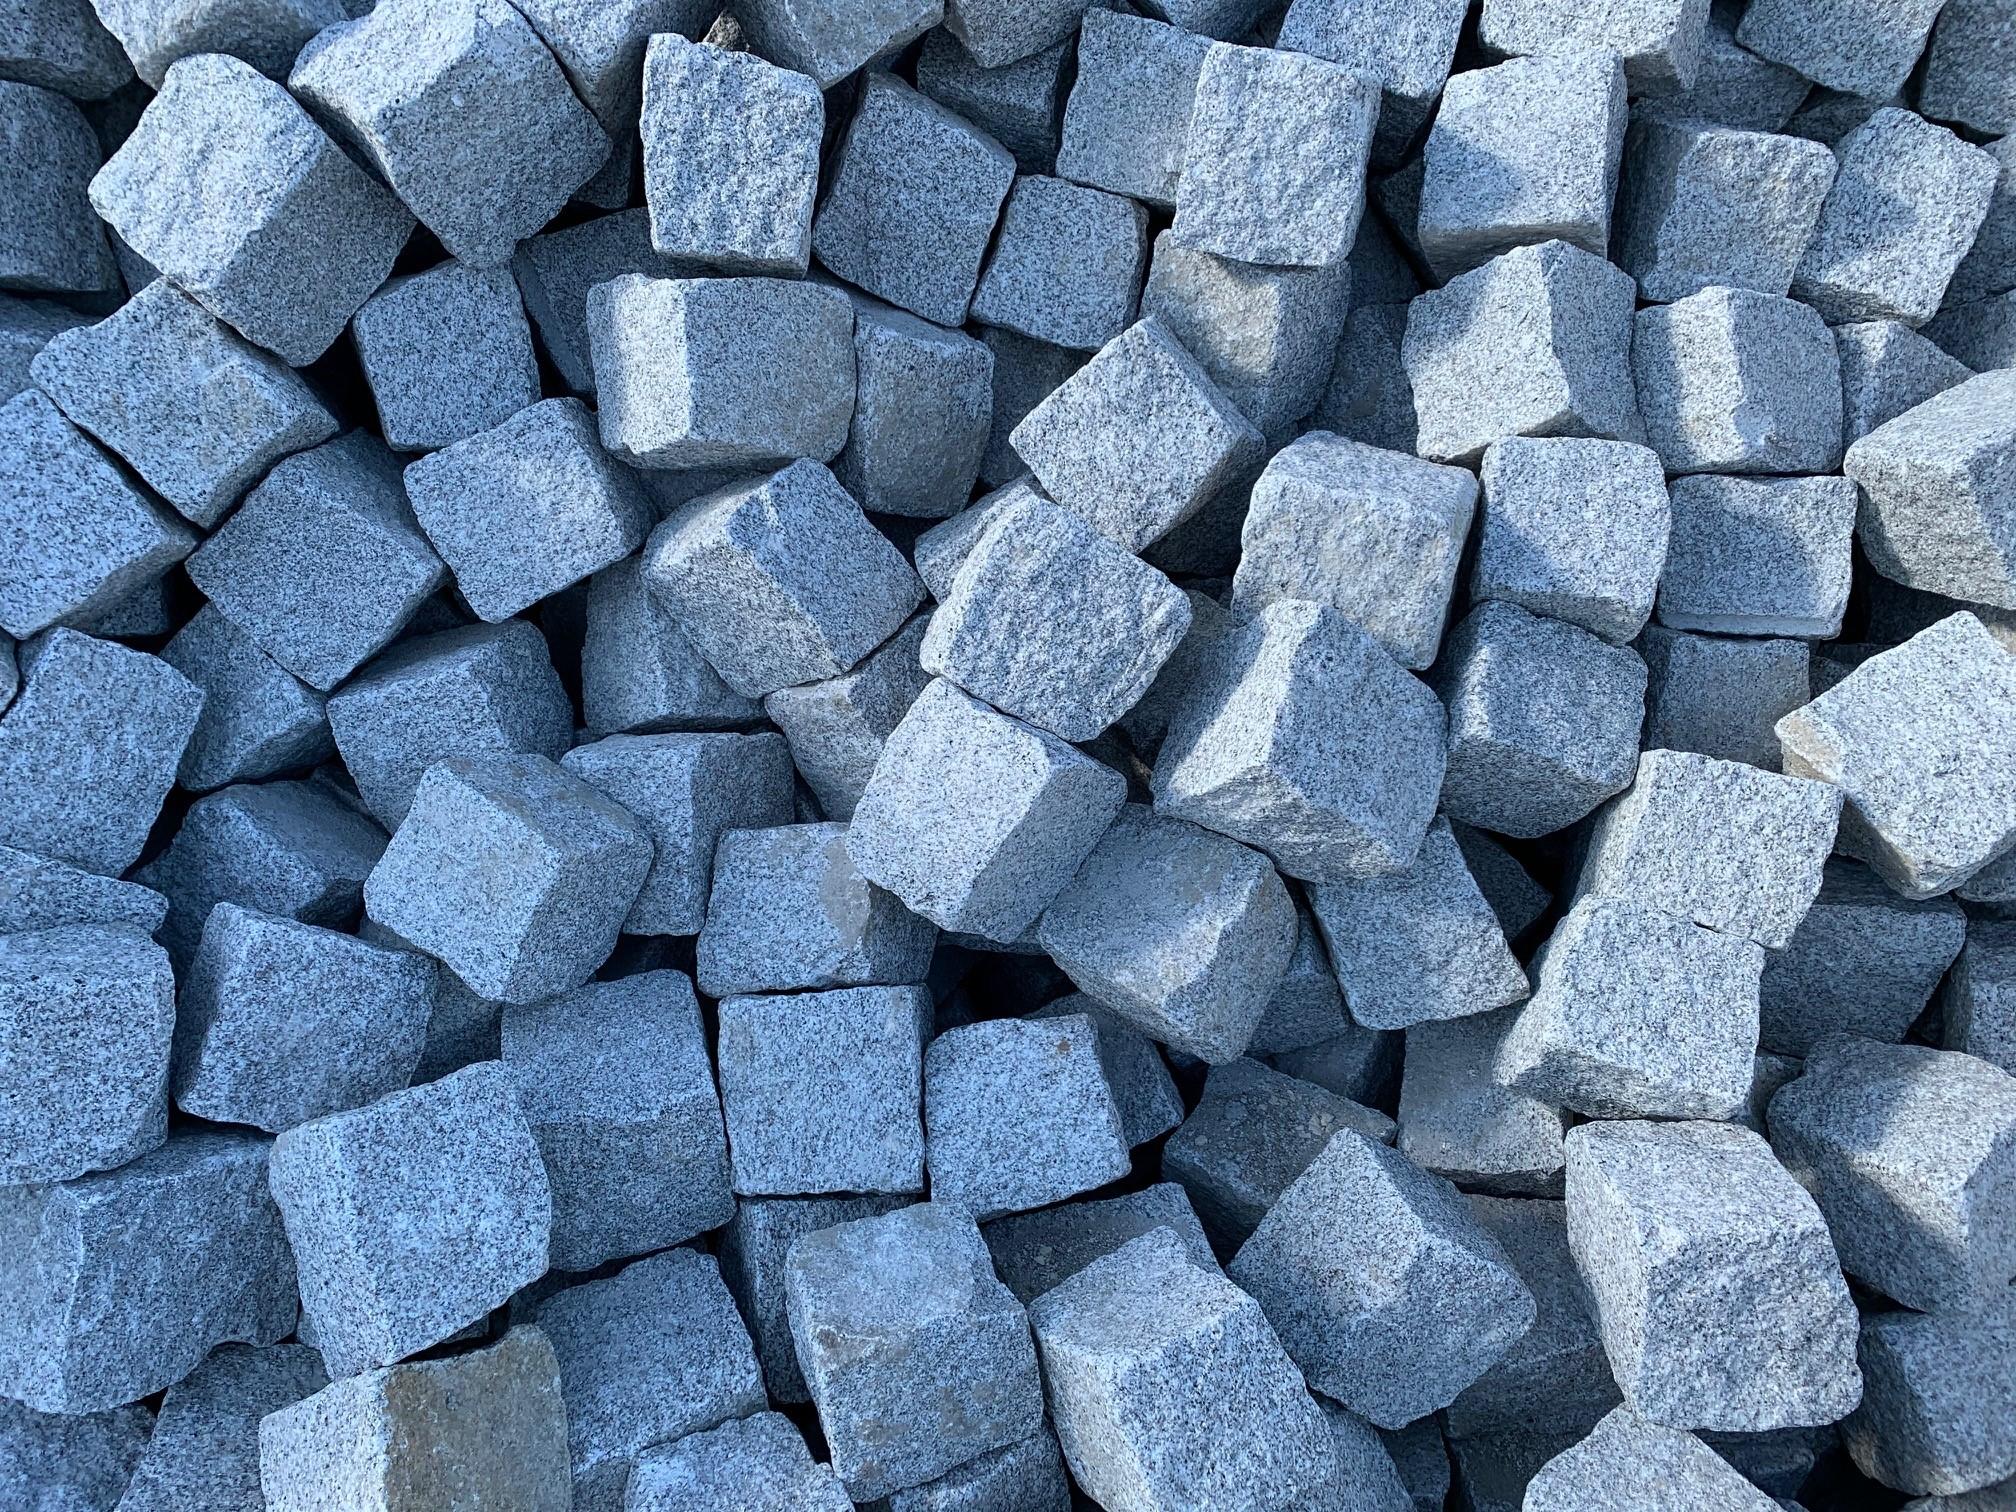 granit-großpflaster-15-17-gespalten-hellgrau-feinkorn2